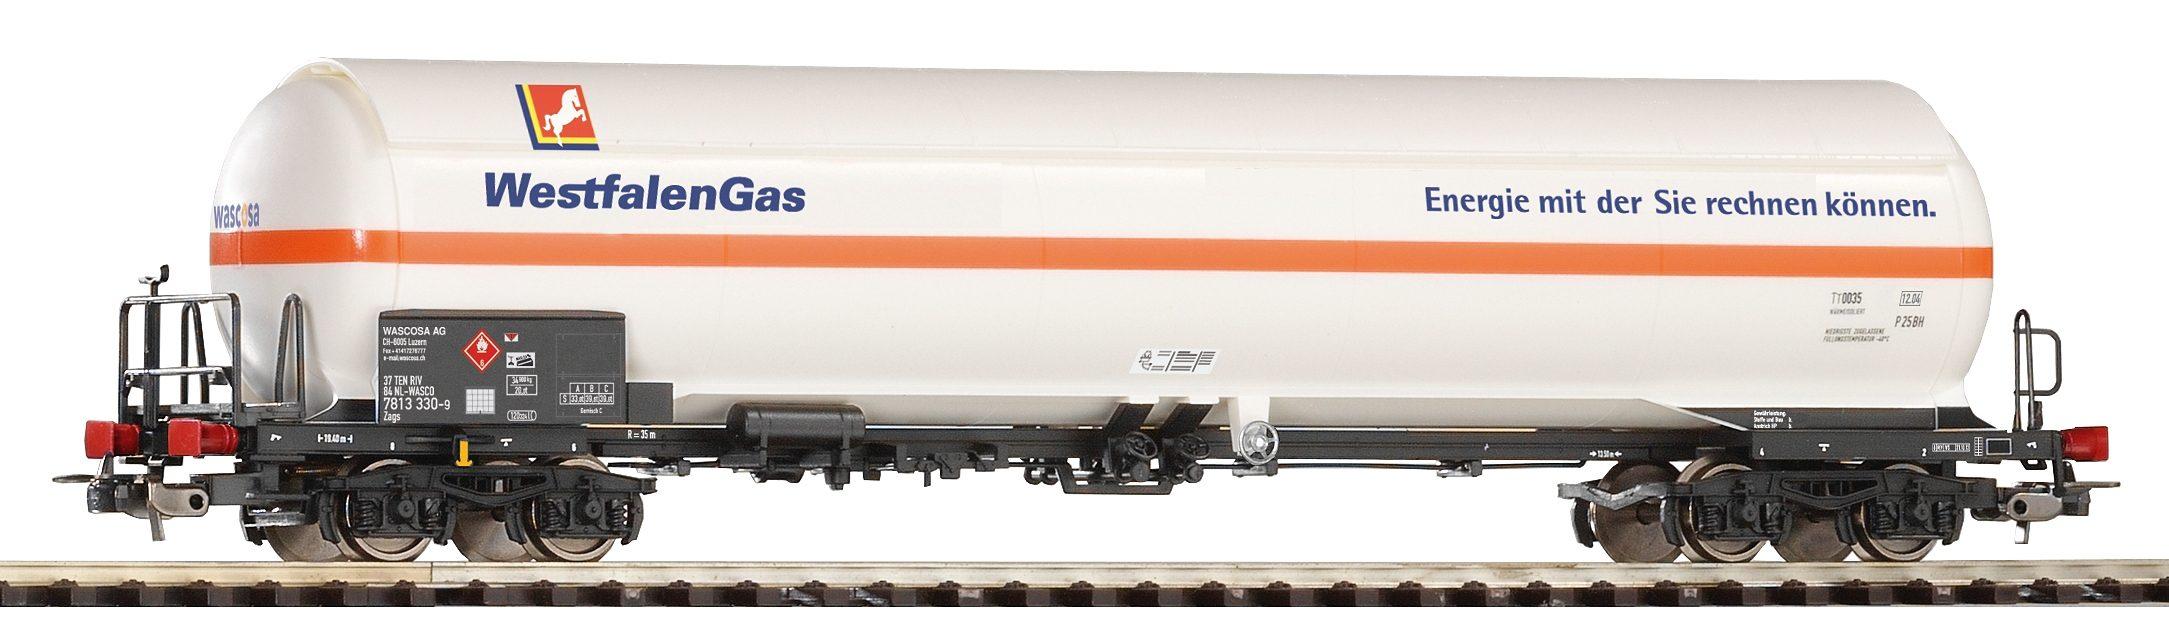 PIKO Güterwagen, Spur H0, »Druckkesselwagen Westfalengas WASCOSA - Gleichstrom«